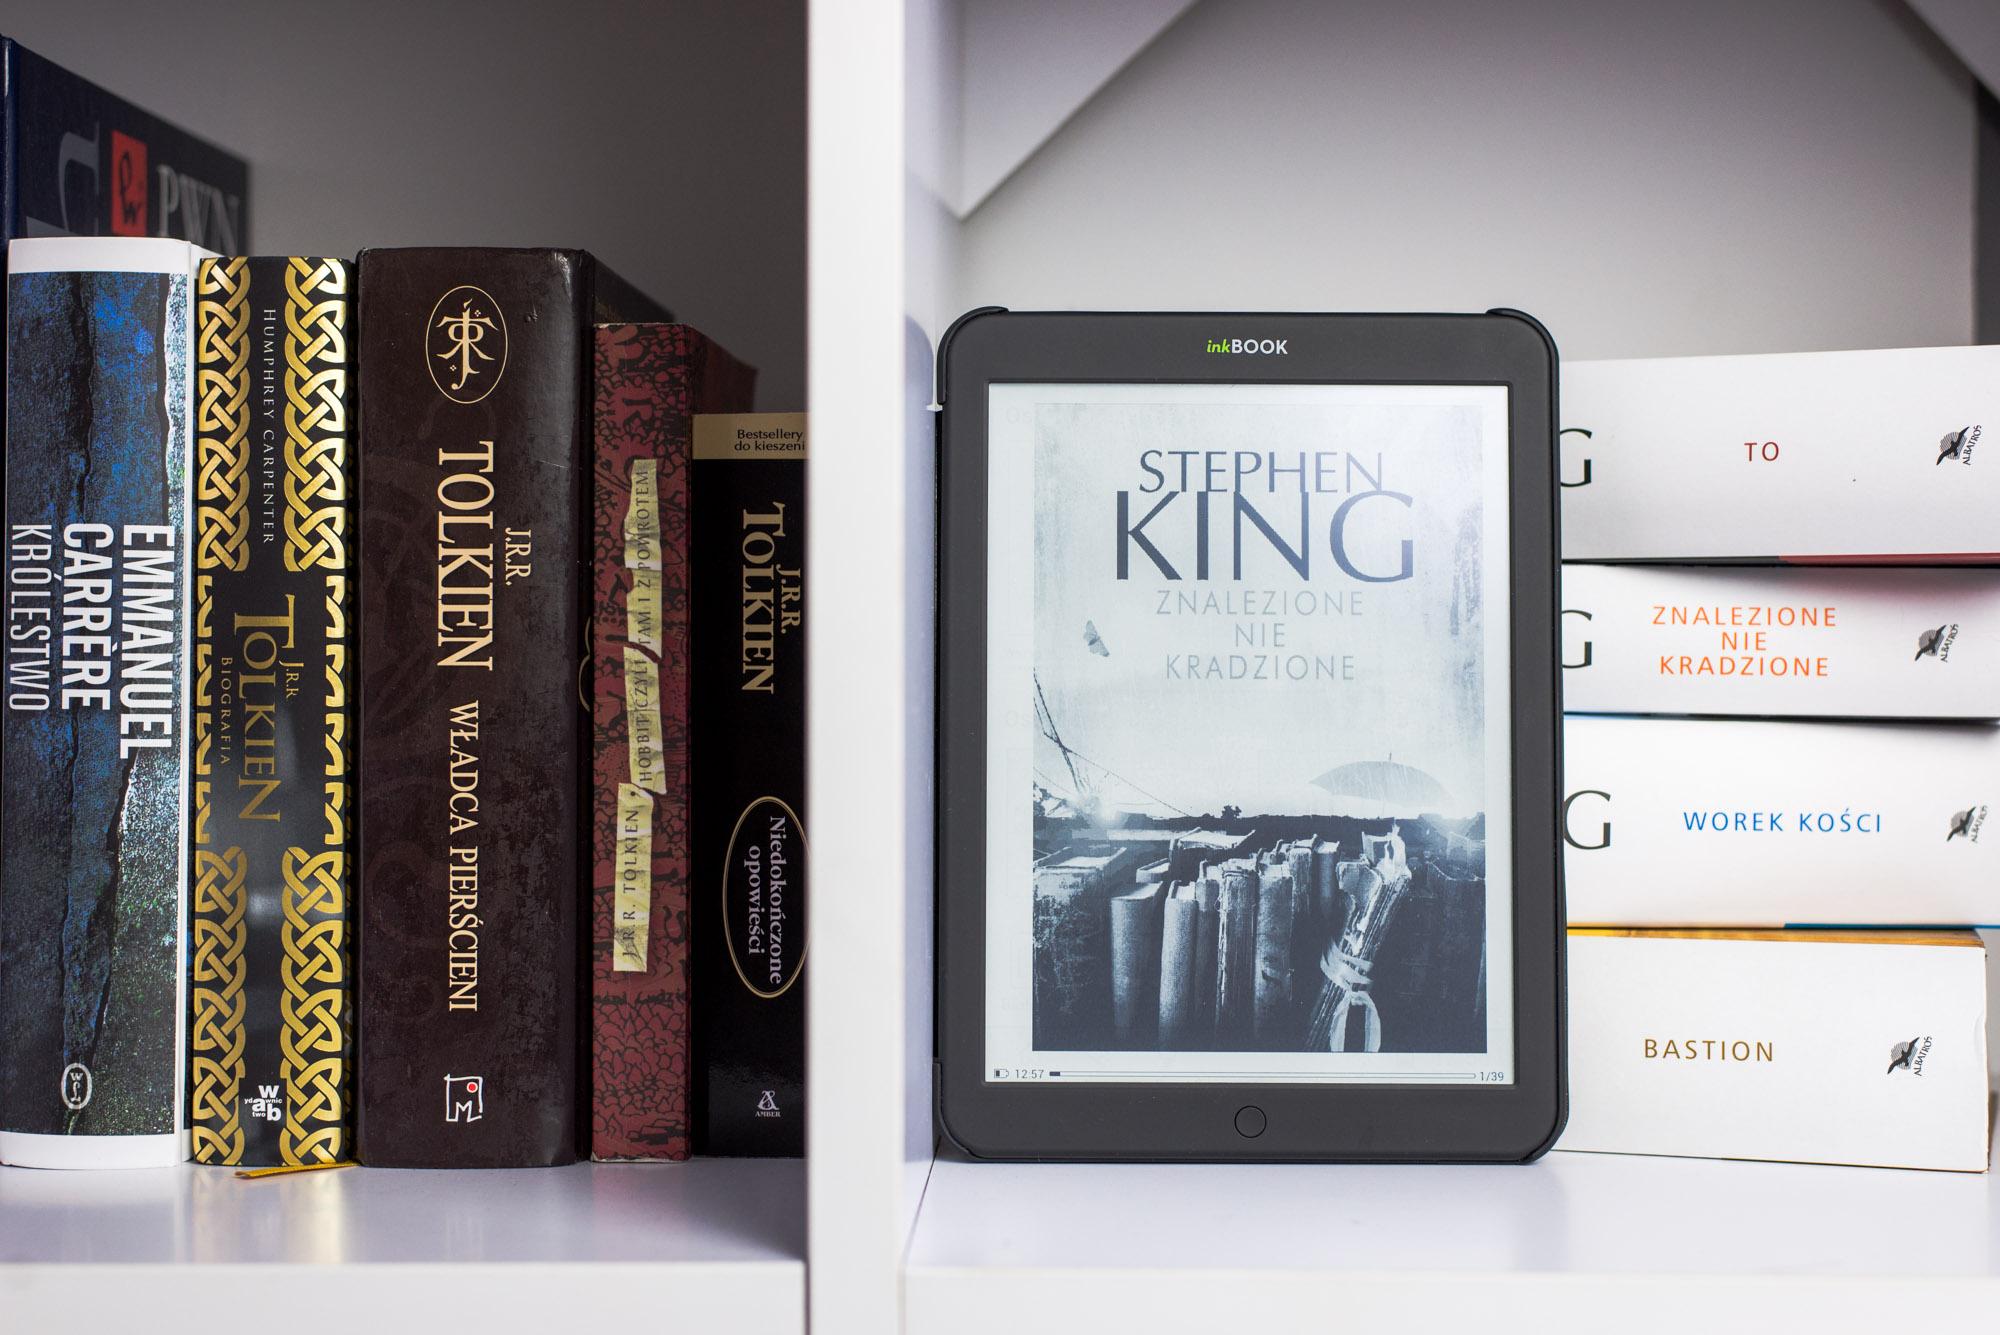 Czy naprawdę potrzebujemy księgarni Amazonu? Z usługami takimi jak Ridero – szczerze wątpię